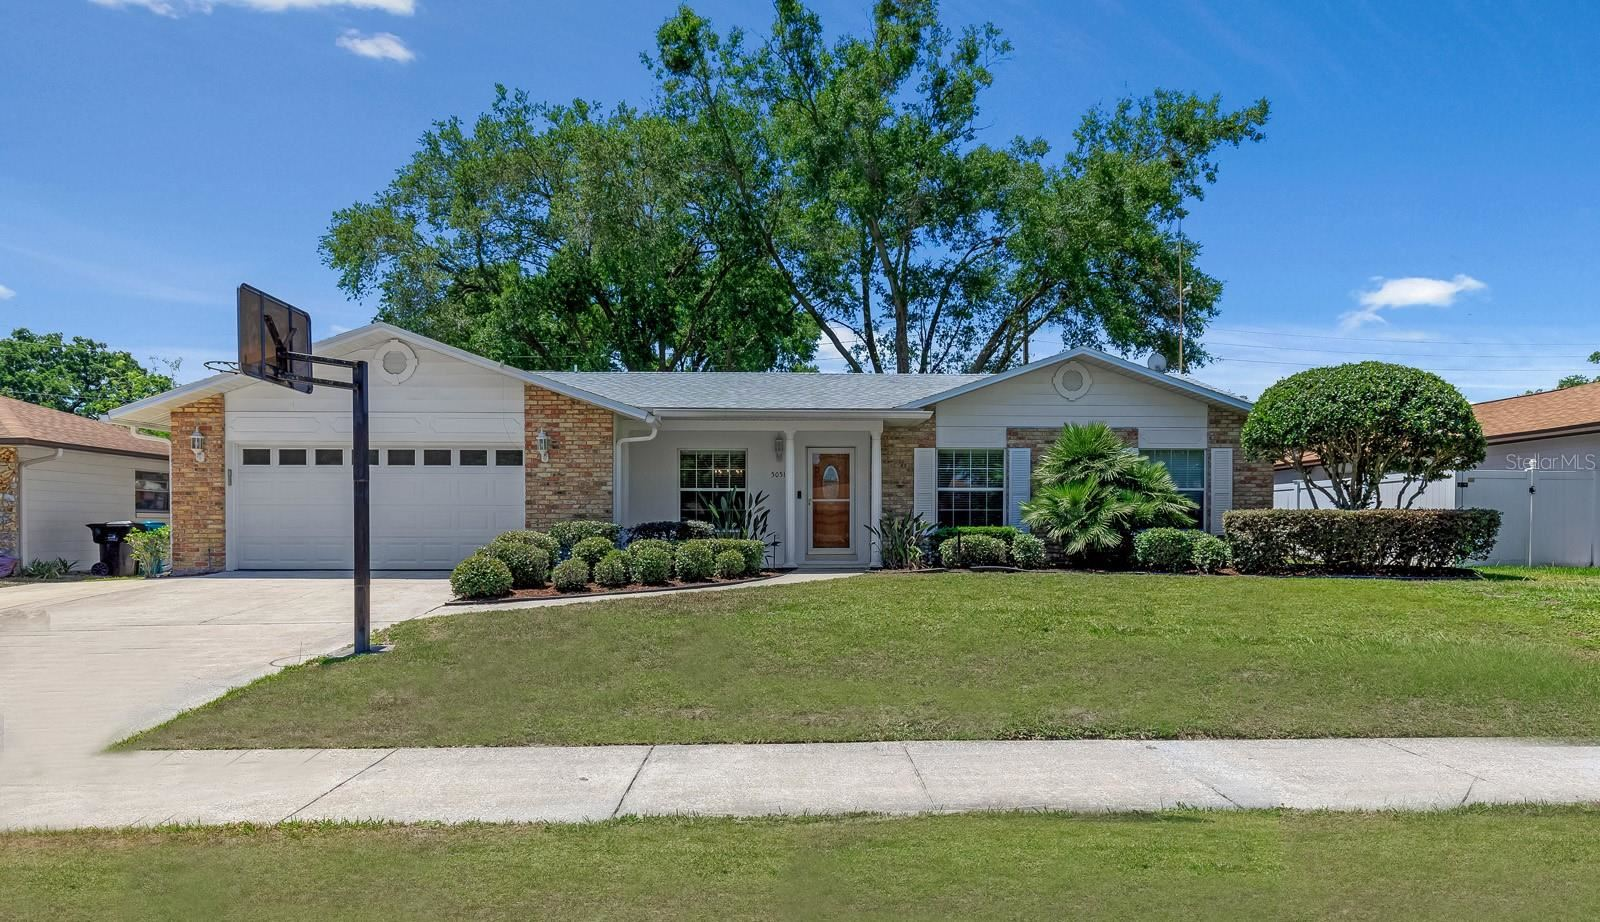 5058 NADINE STREET, Orlando, FL 32807 - #: O5947501